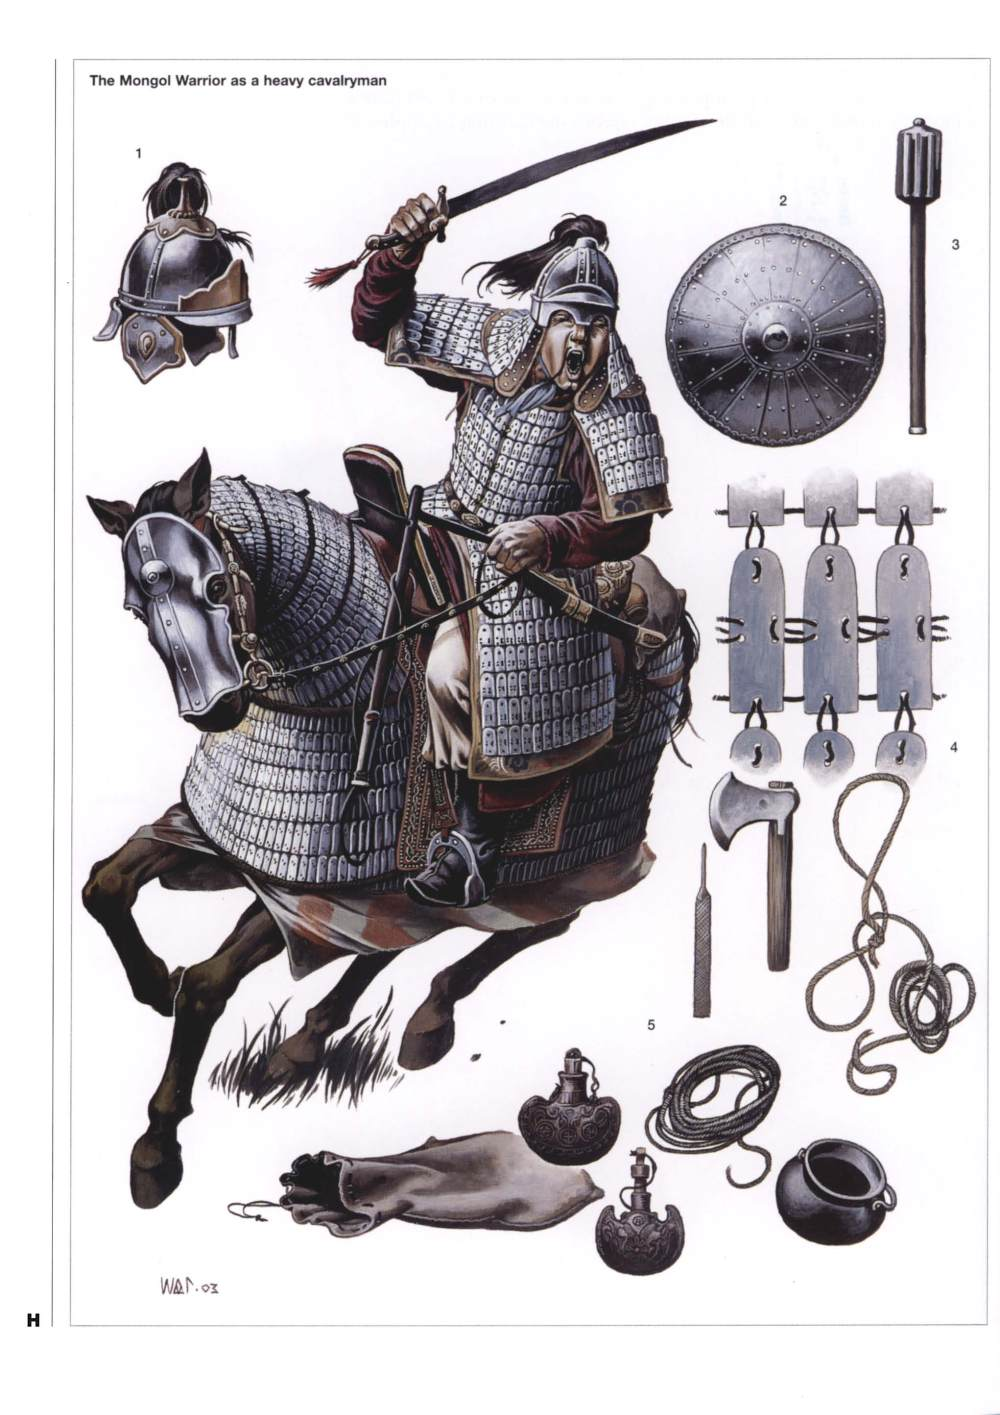 蒙古甲胄骑兵